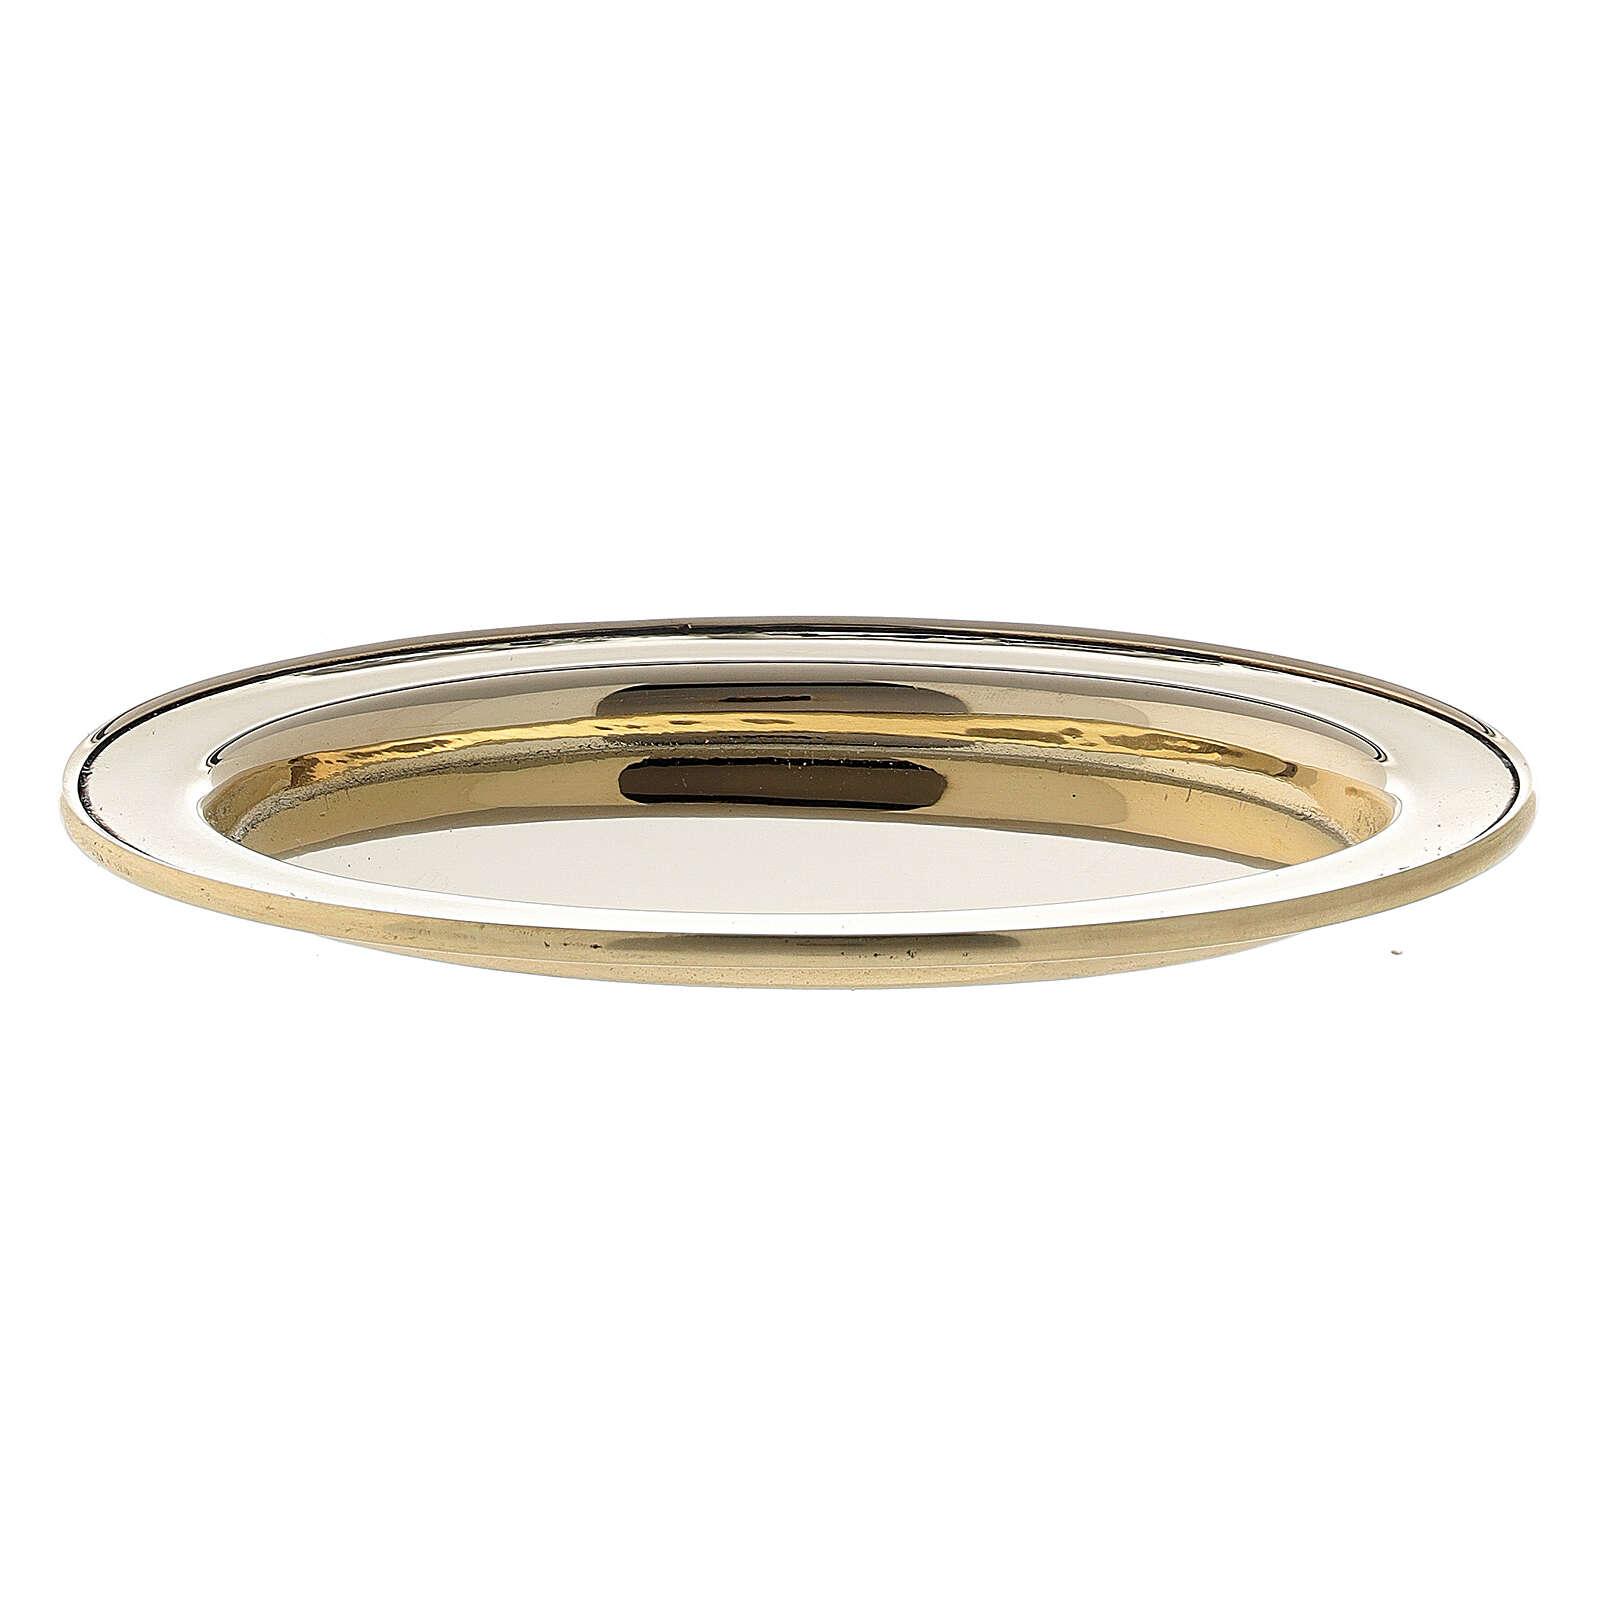 Assiette porte-bougie ovale bord rehaussé 9x6 cm laiton doré 3